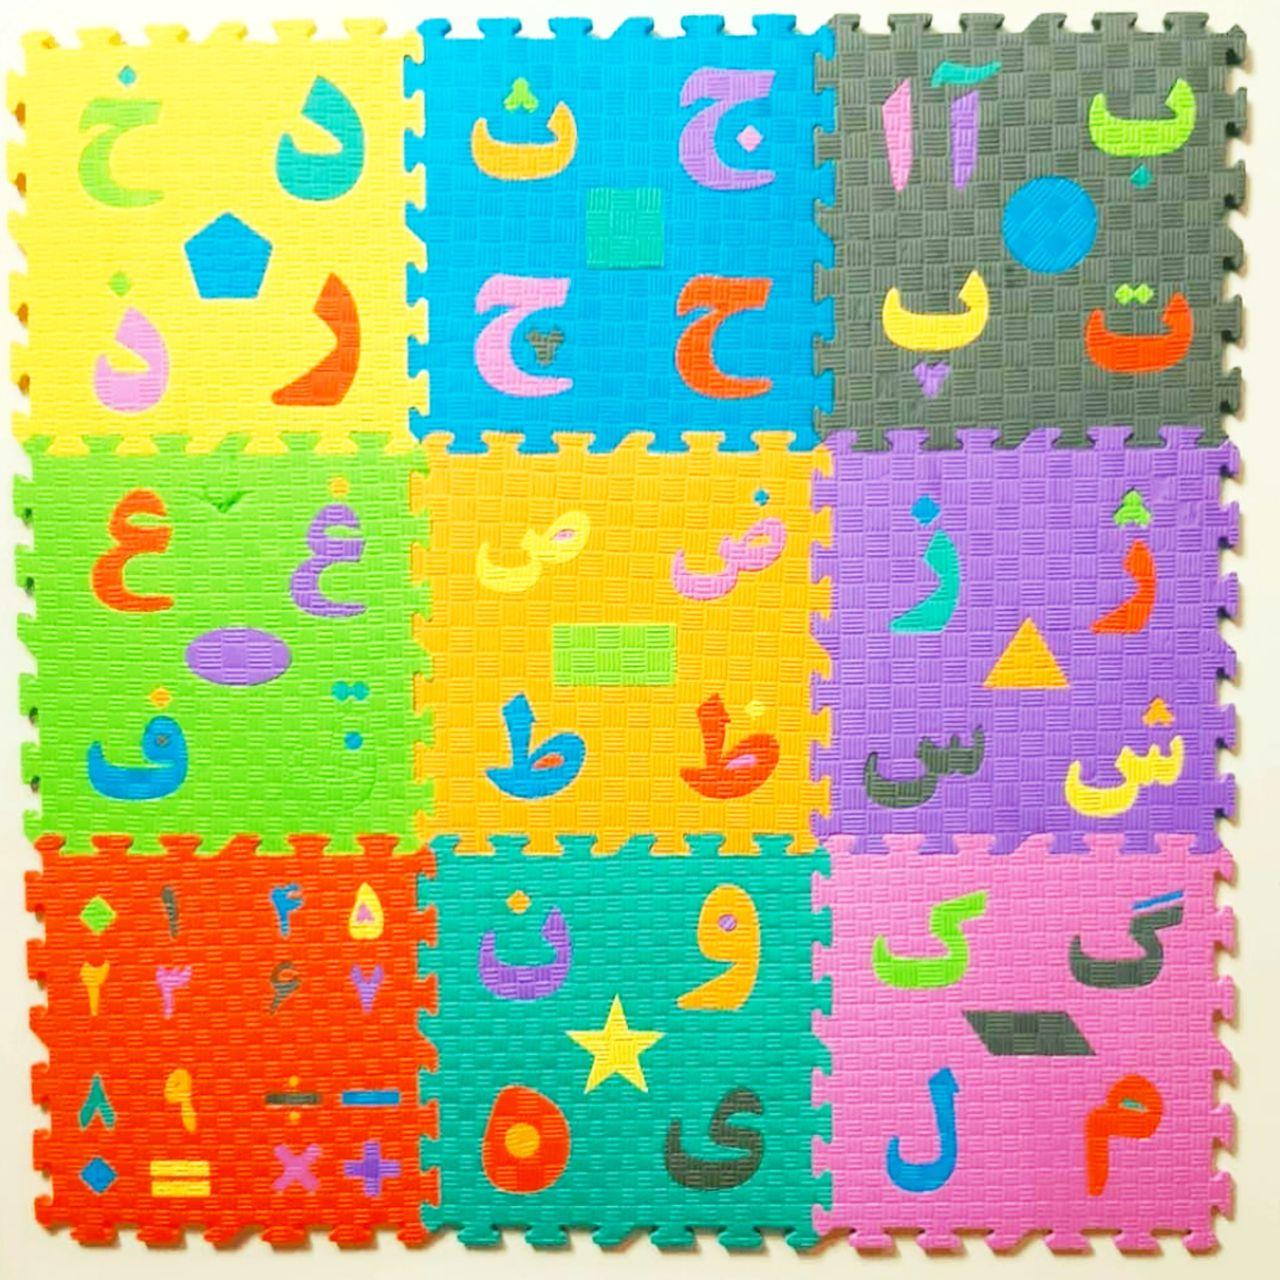 کفپوش تاتامی مدل الفبای فارسی و اعداد فارسی بسته ۹ عددی